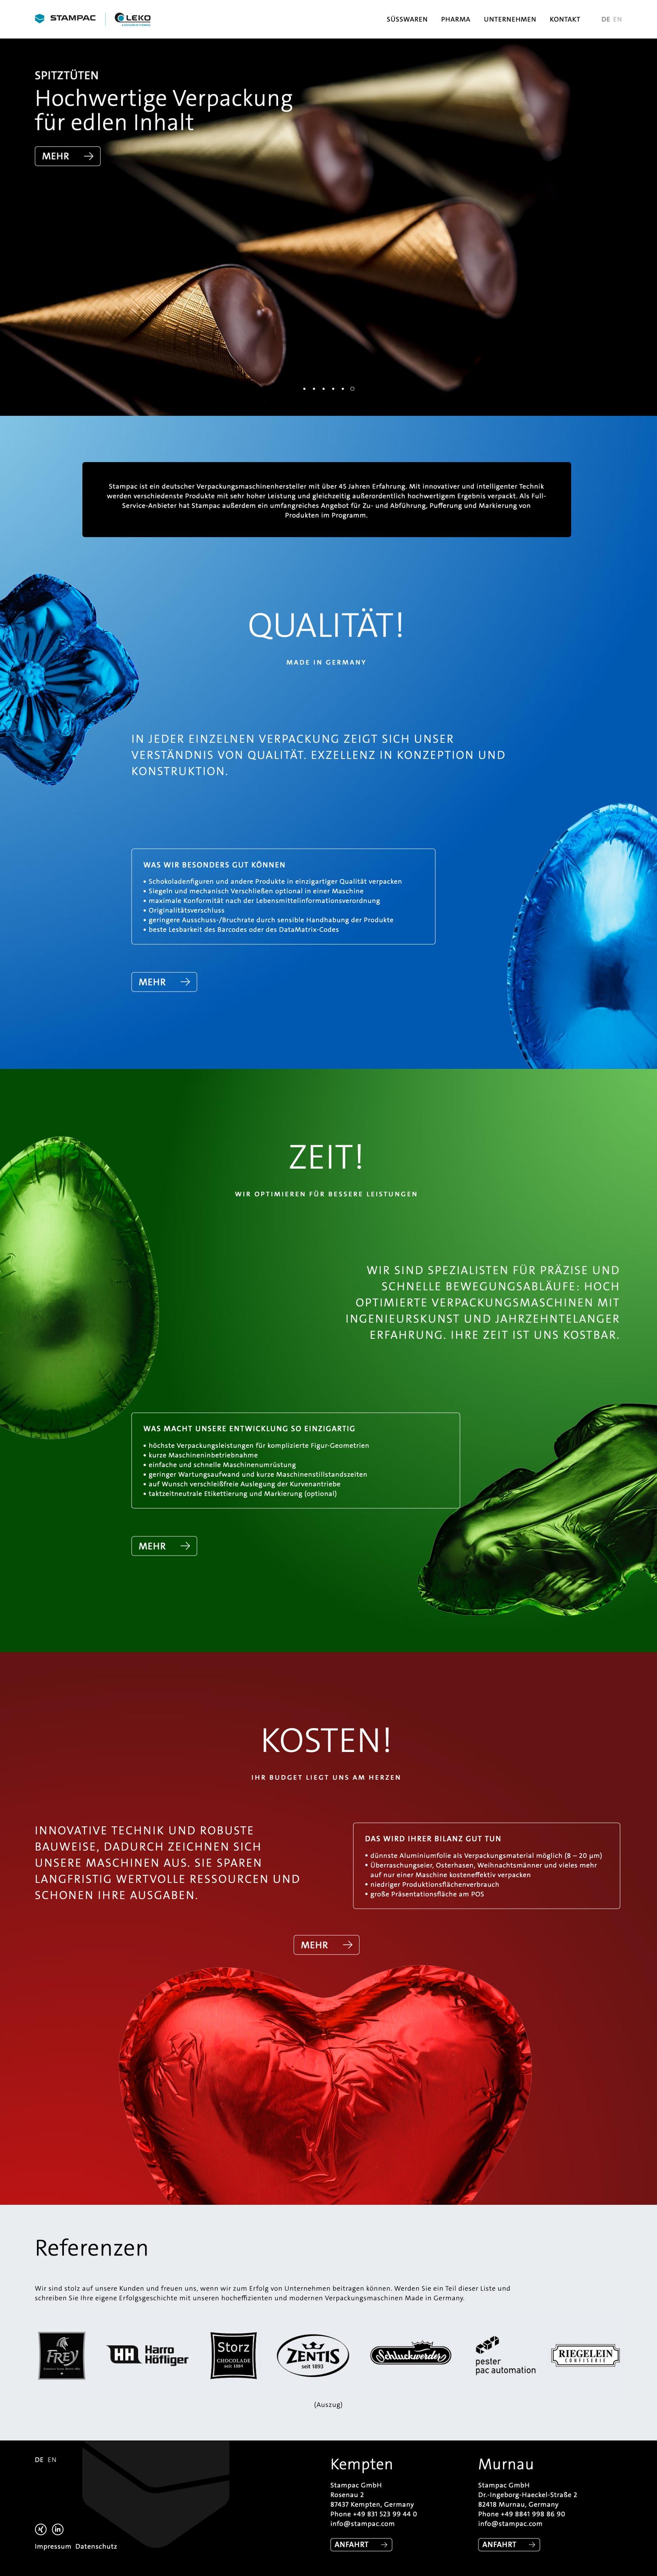 Produktvorteile hervorheben – Webdesign für Industrie und Maschinenbau